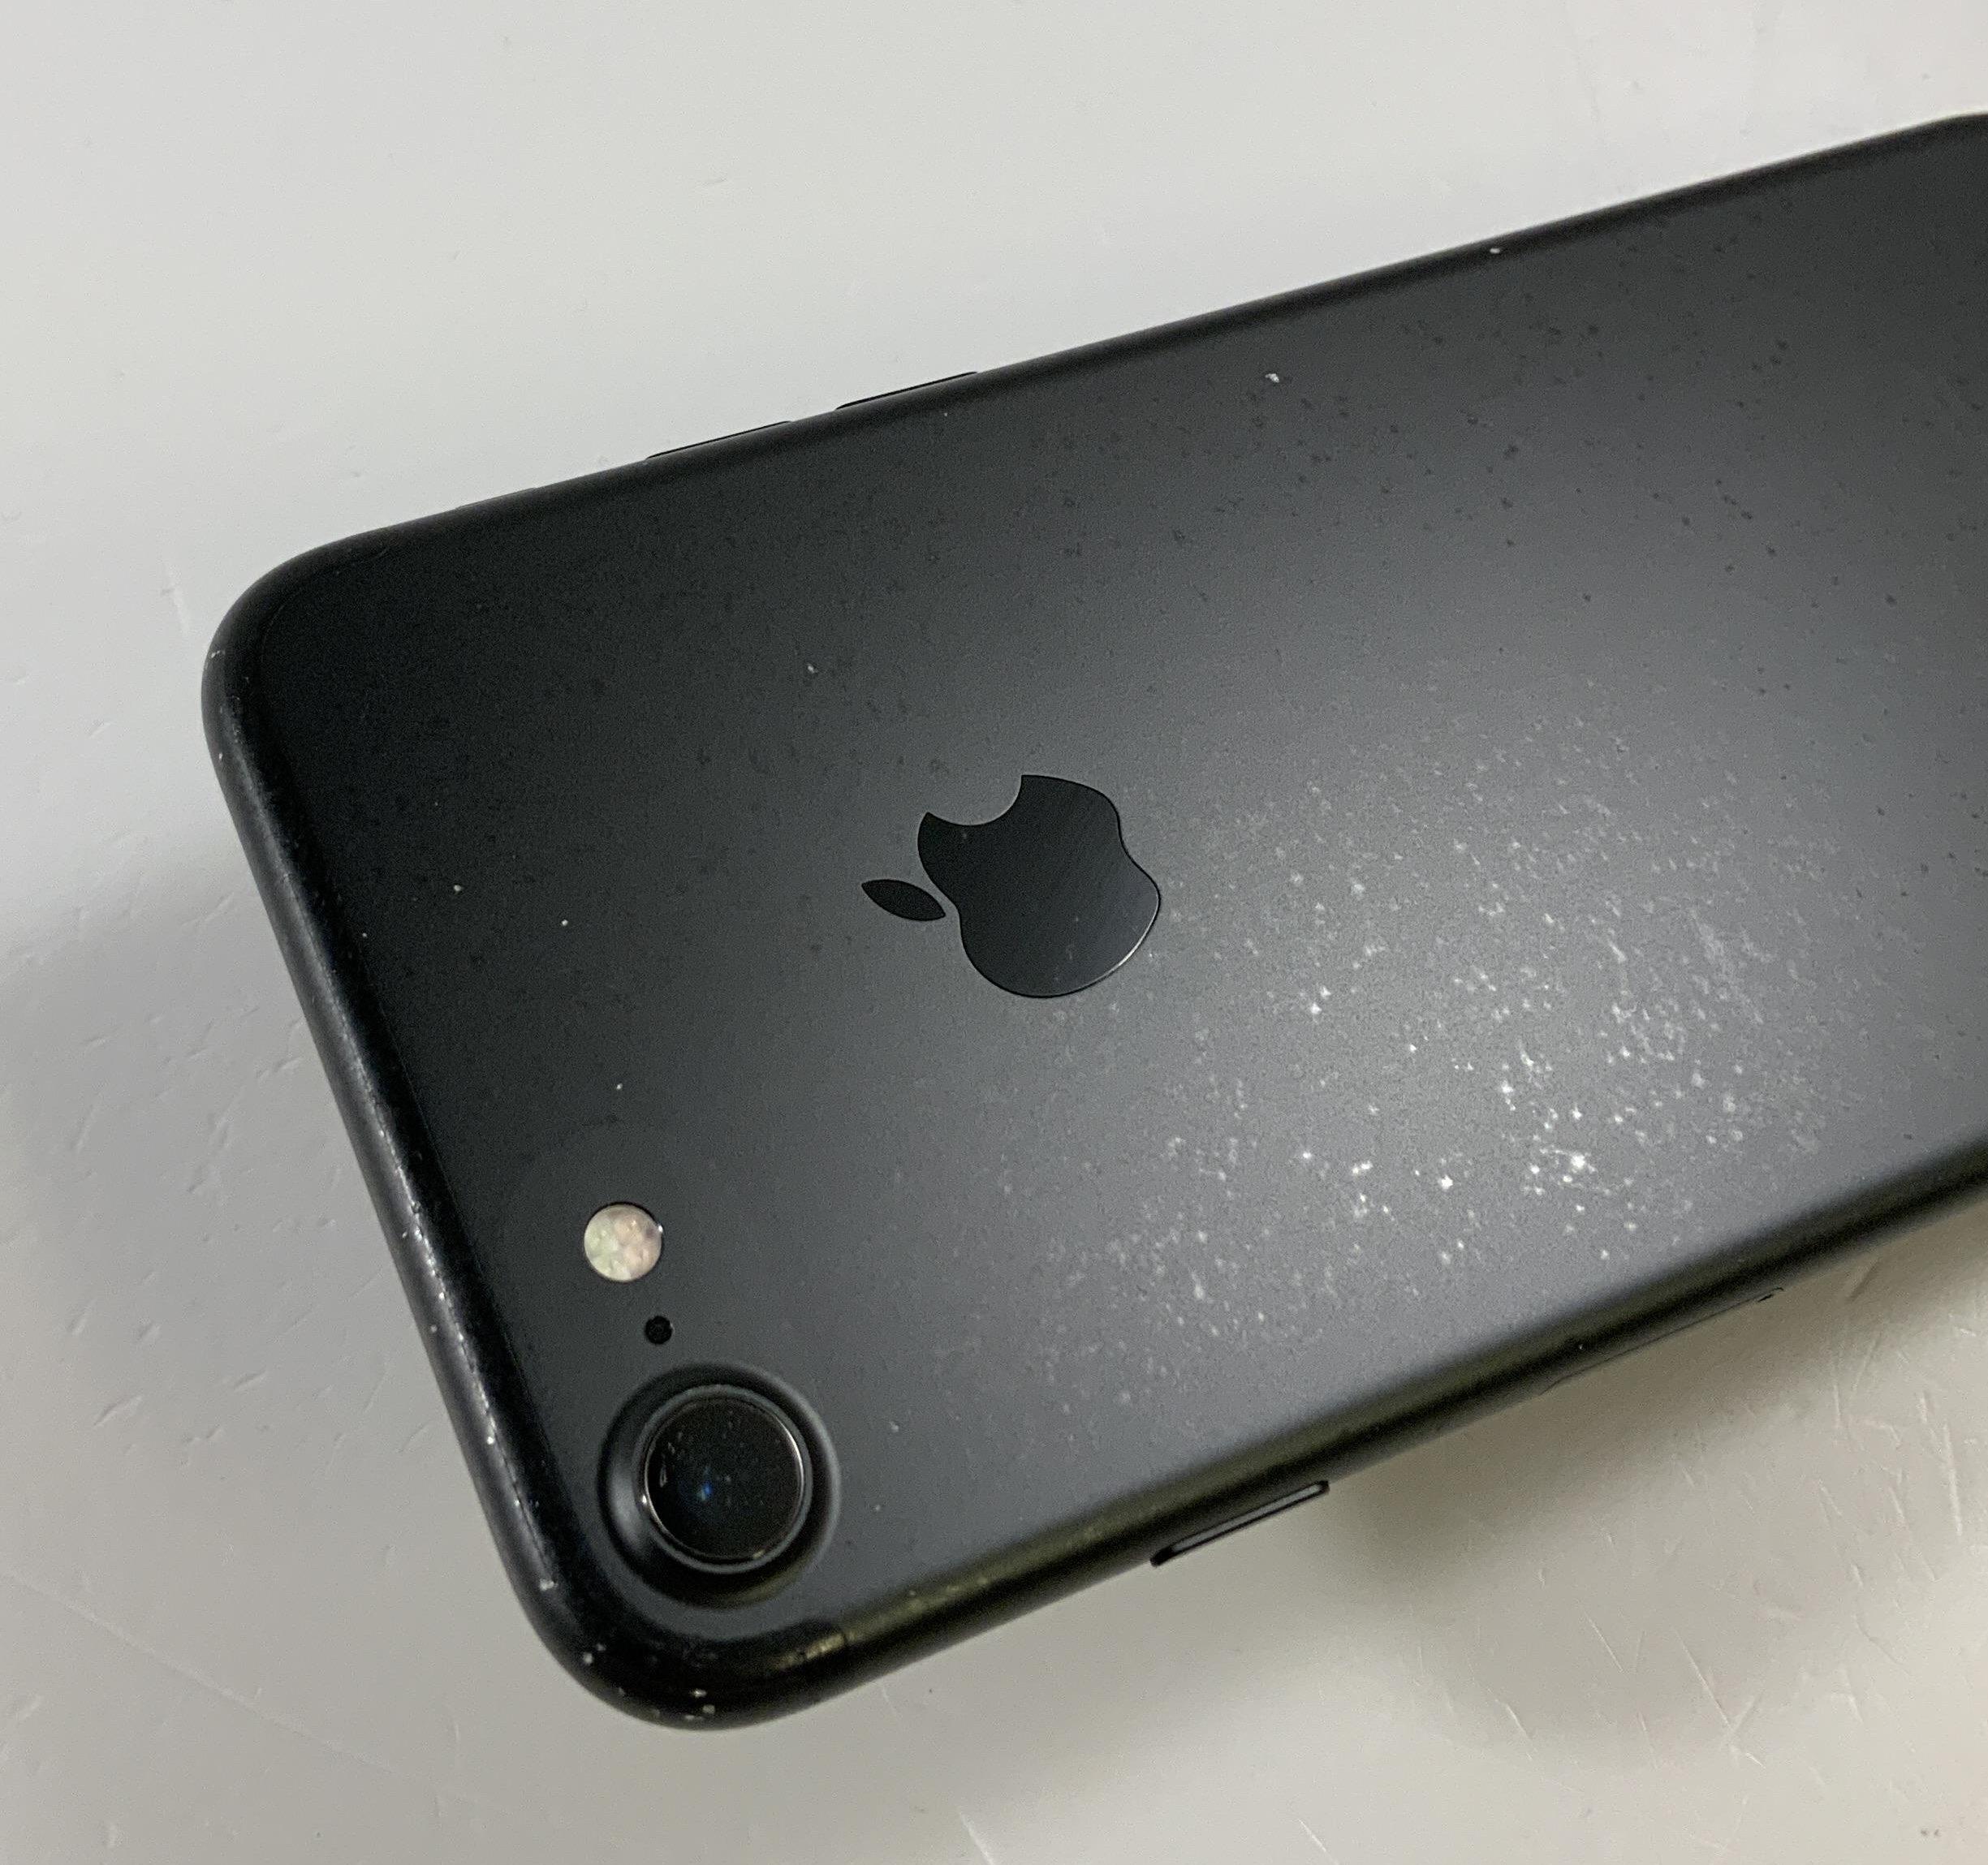 iPhone 7 32GB, 32GB, Black, obraz 4